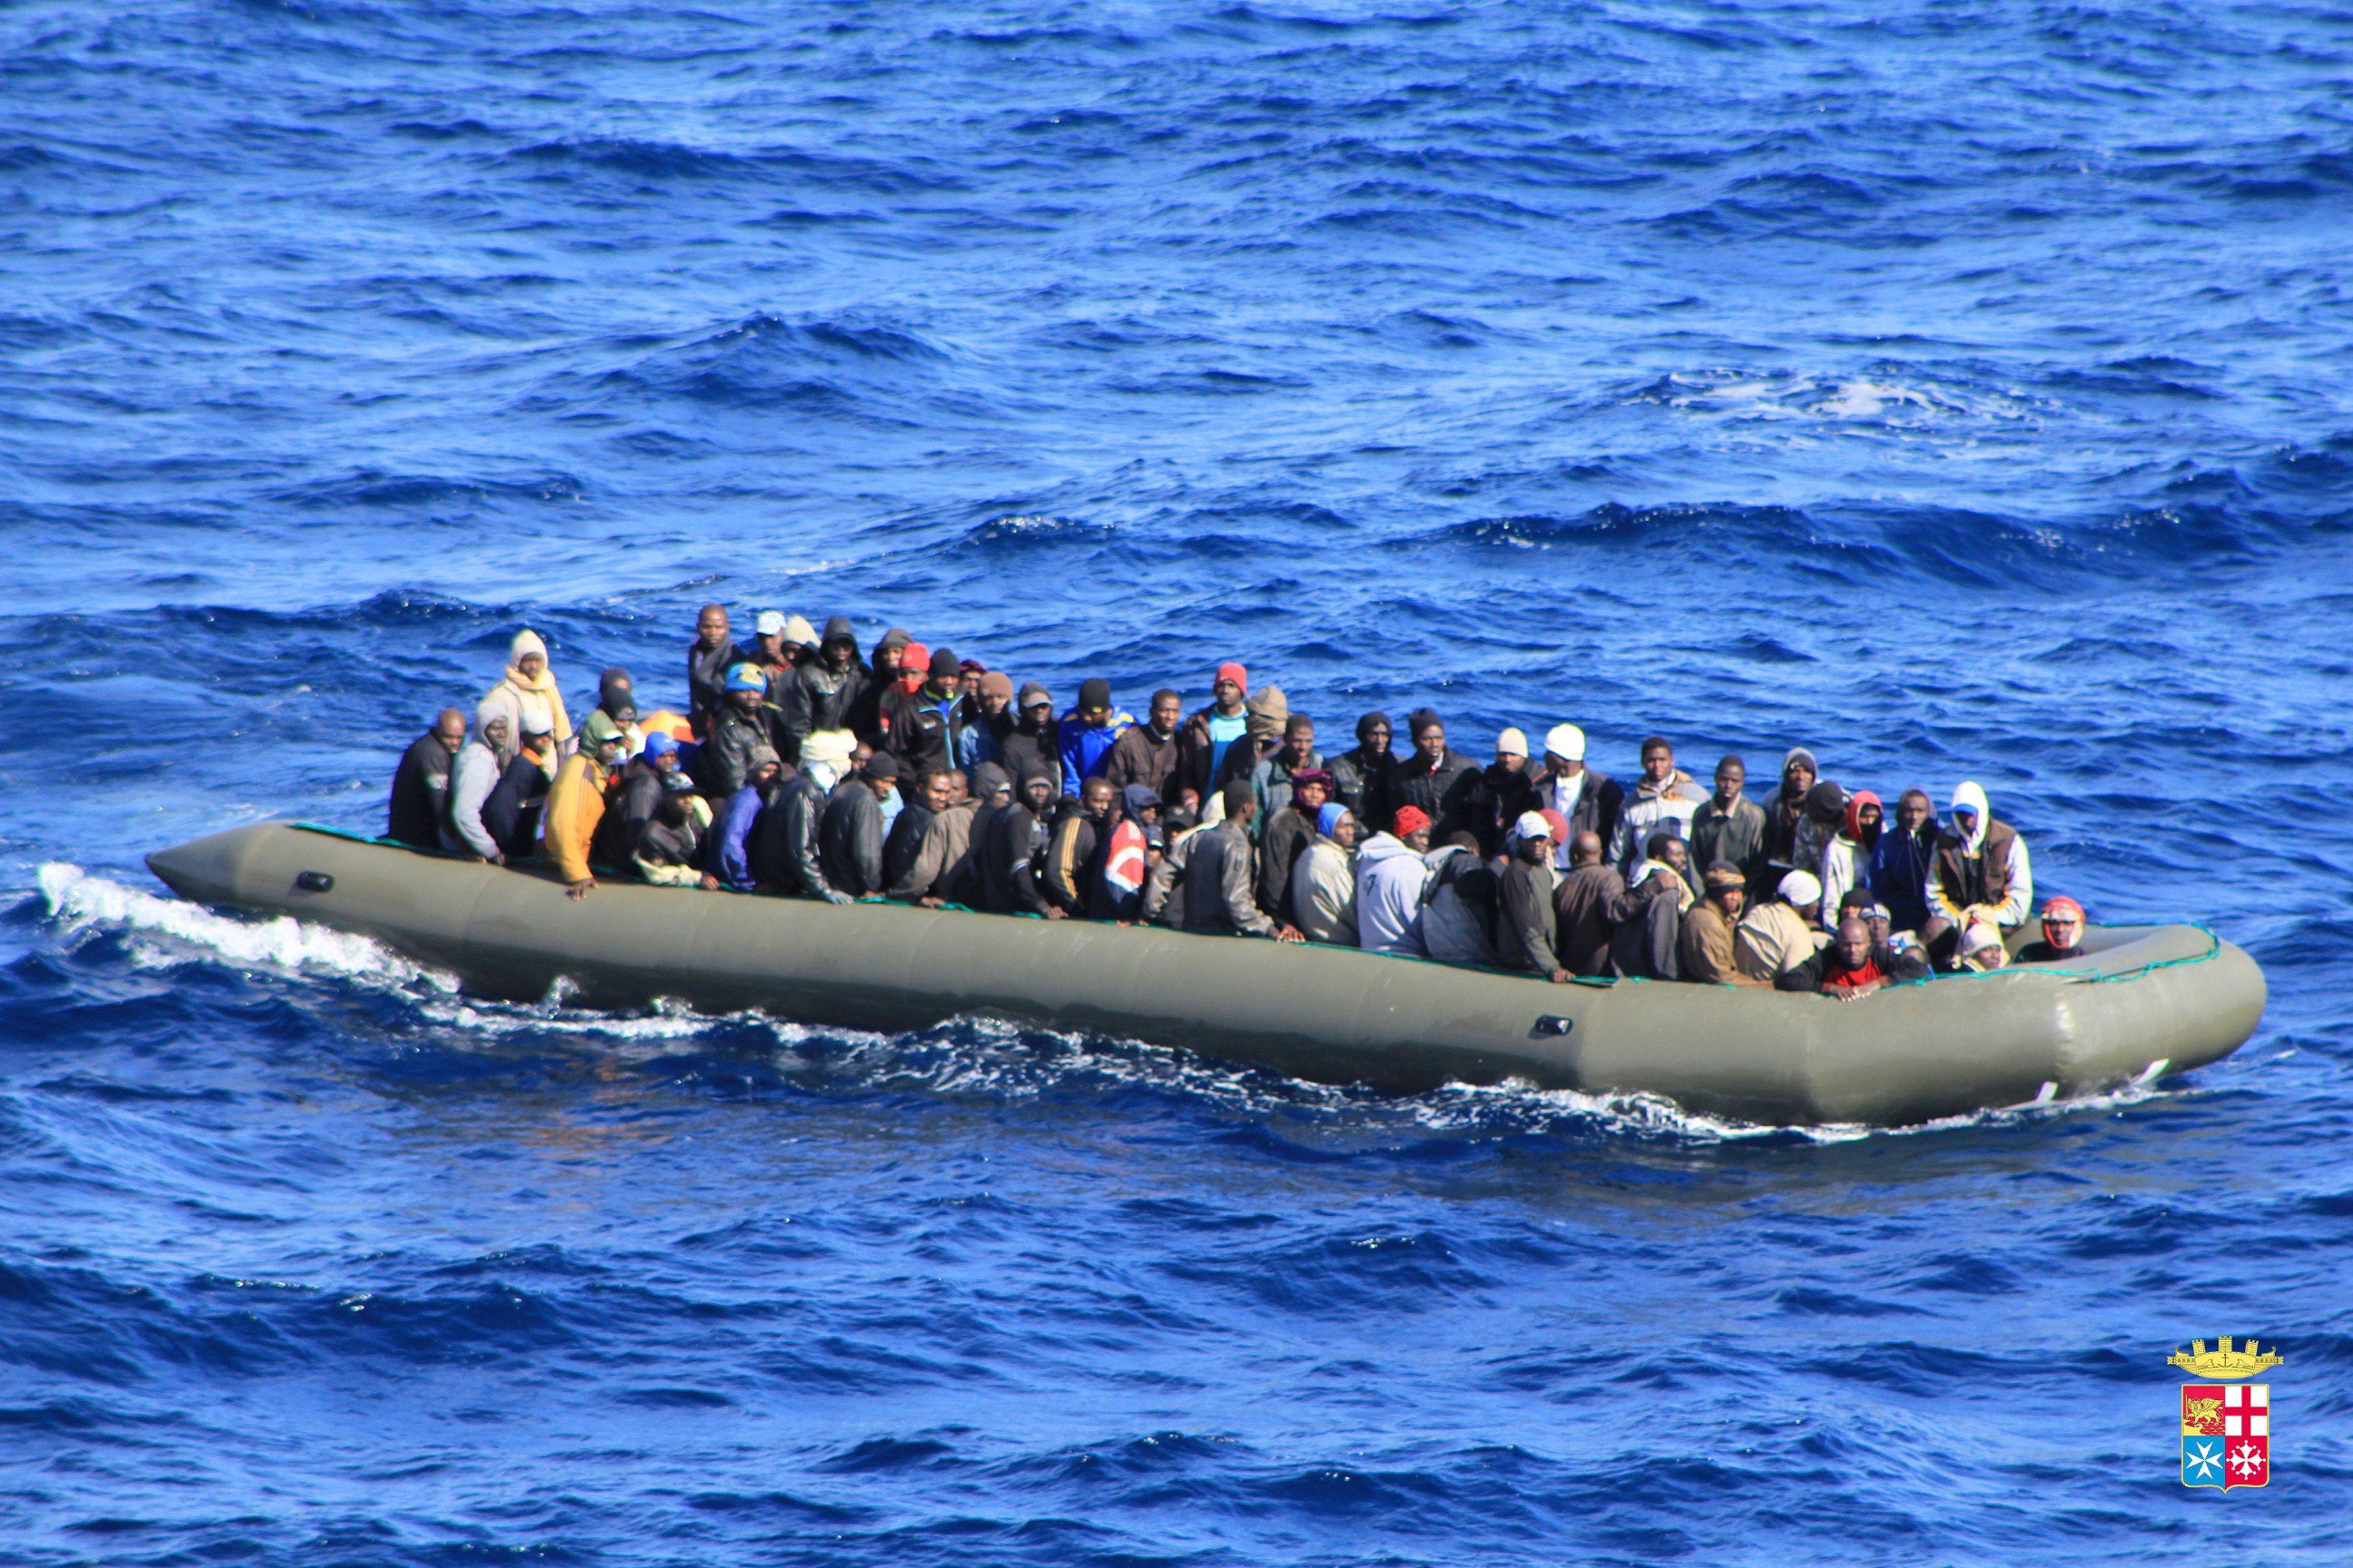 Crise des migrants : un bateau transportant 700 migrants a fait naufrage en Grèce